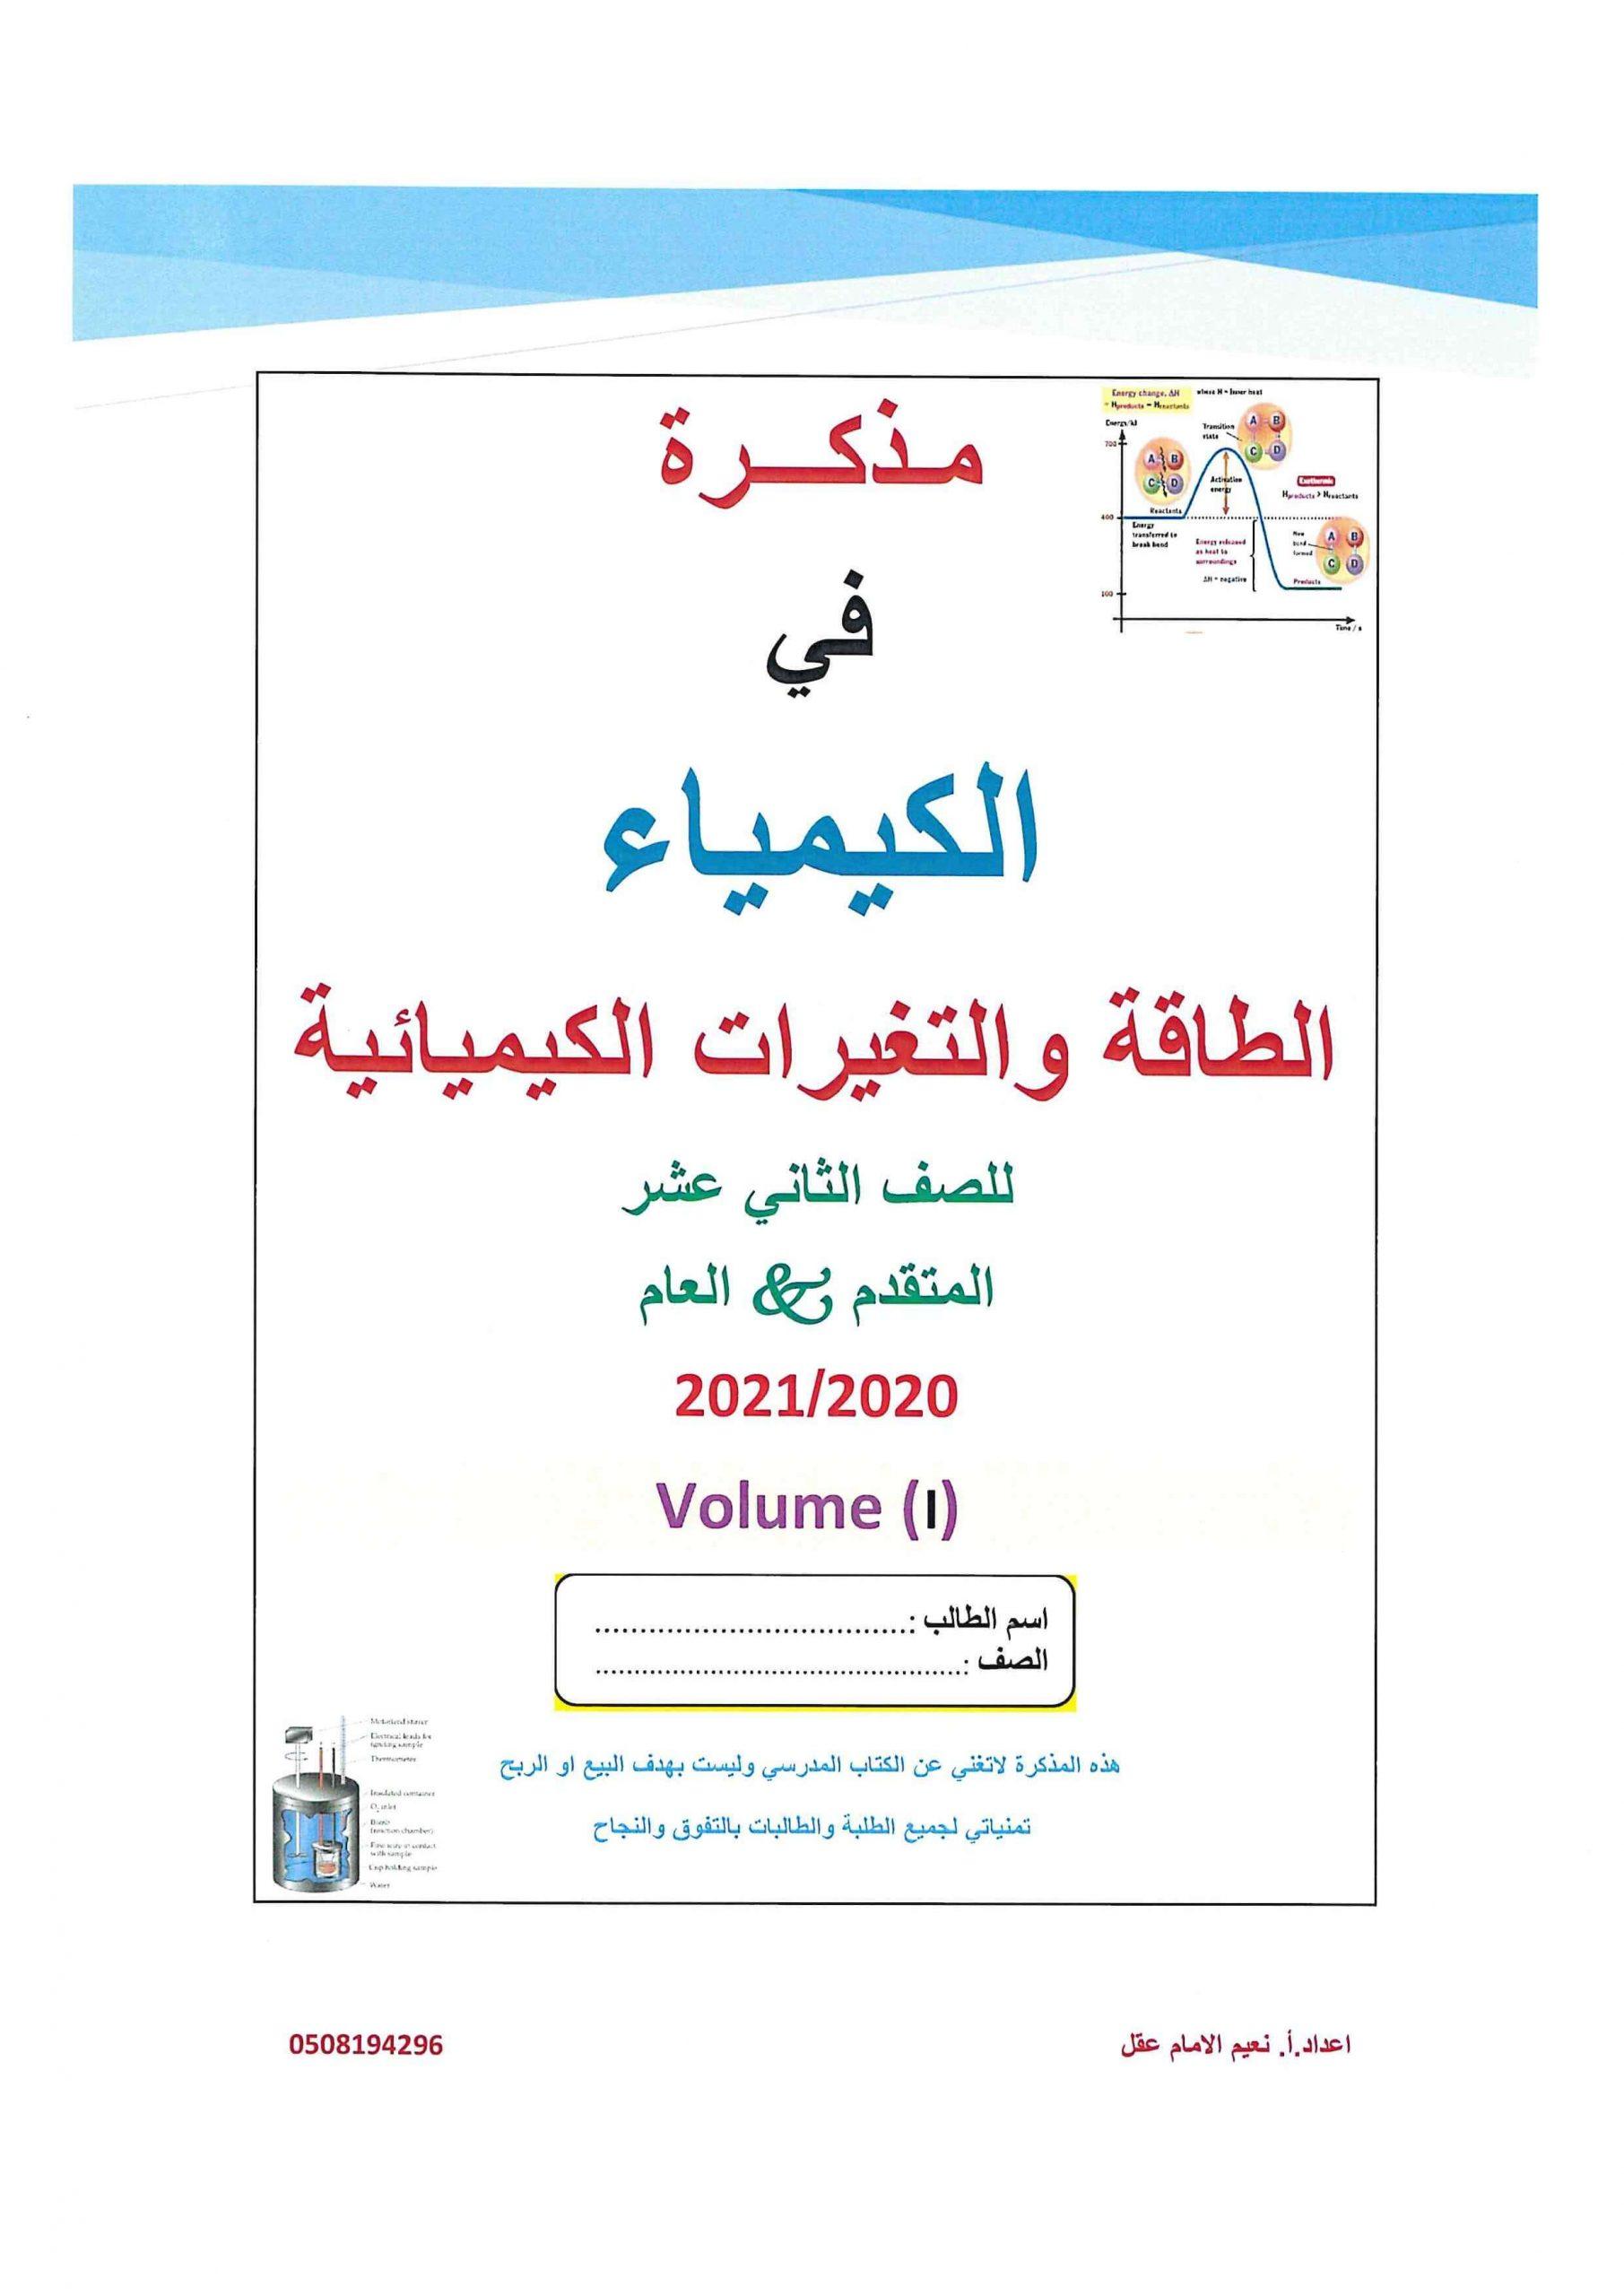 مذكرة الطاقة والتغيرات الكيميائية الصف الثاني عشر مادة الكيمياء